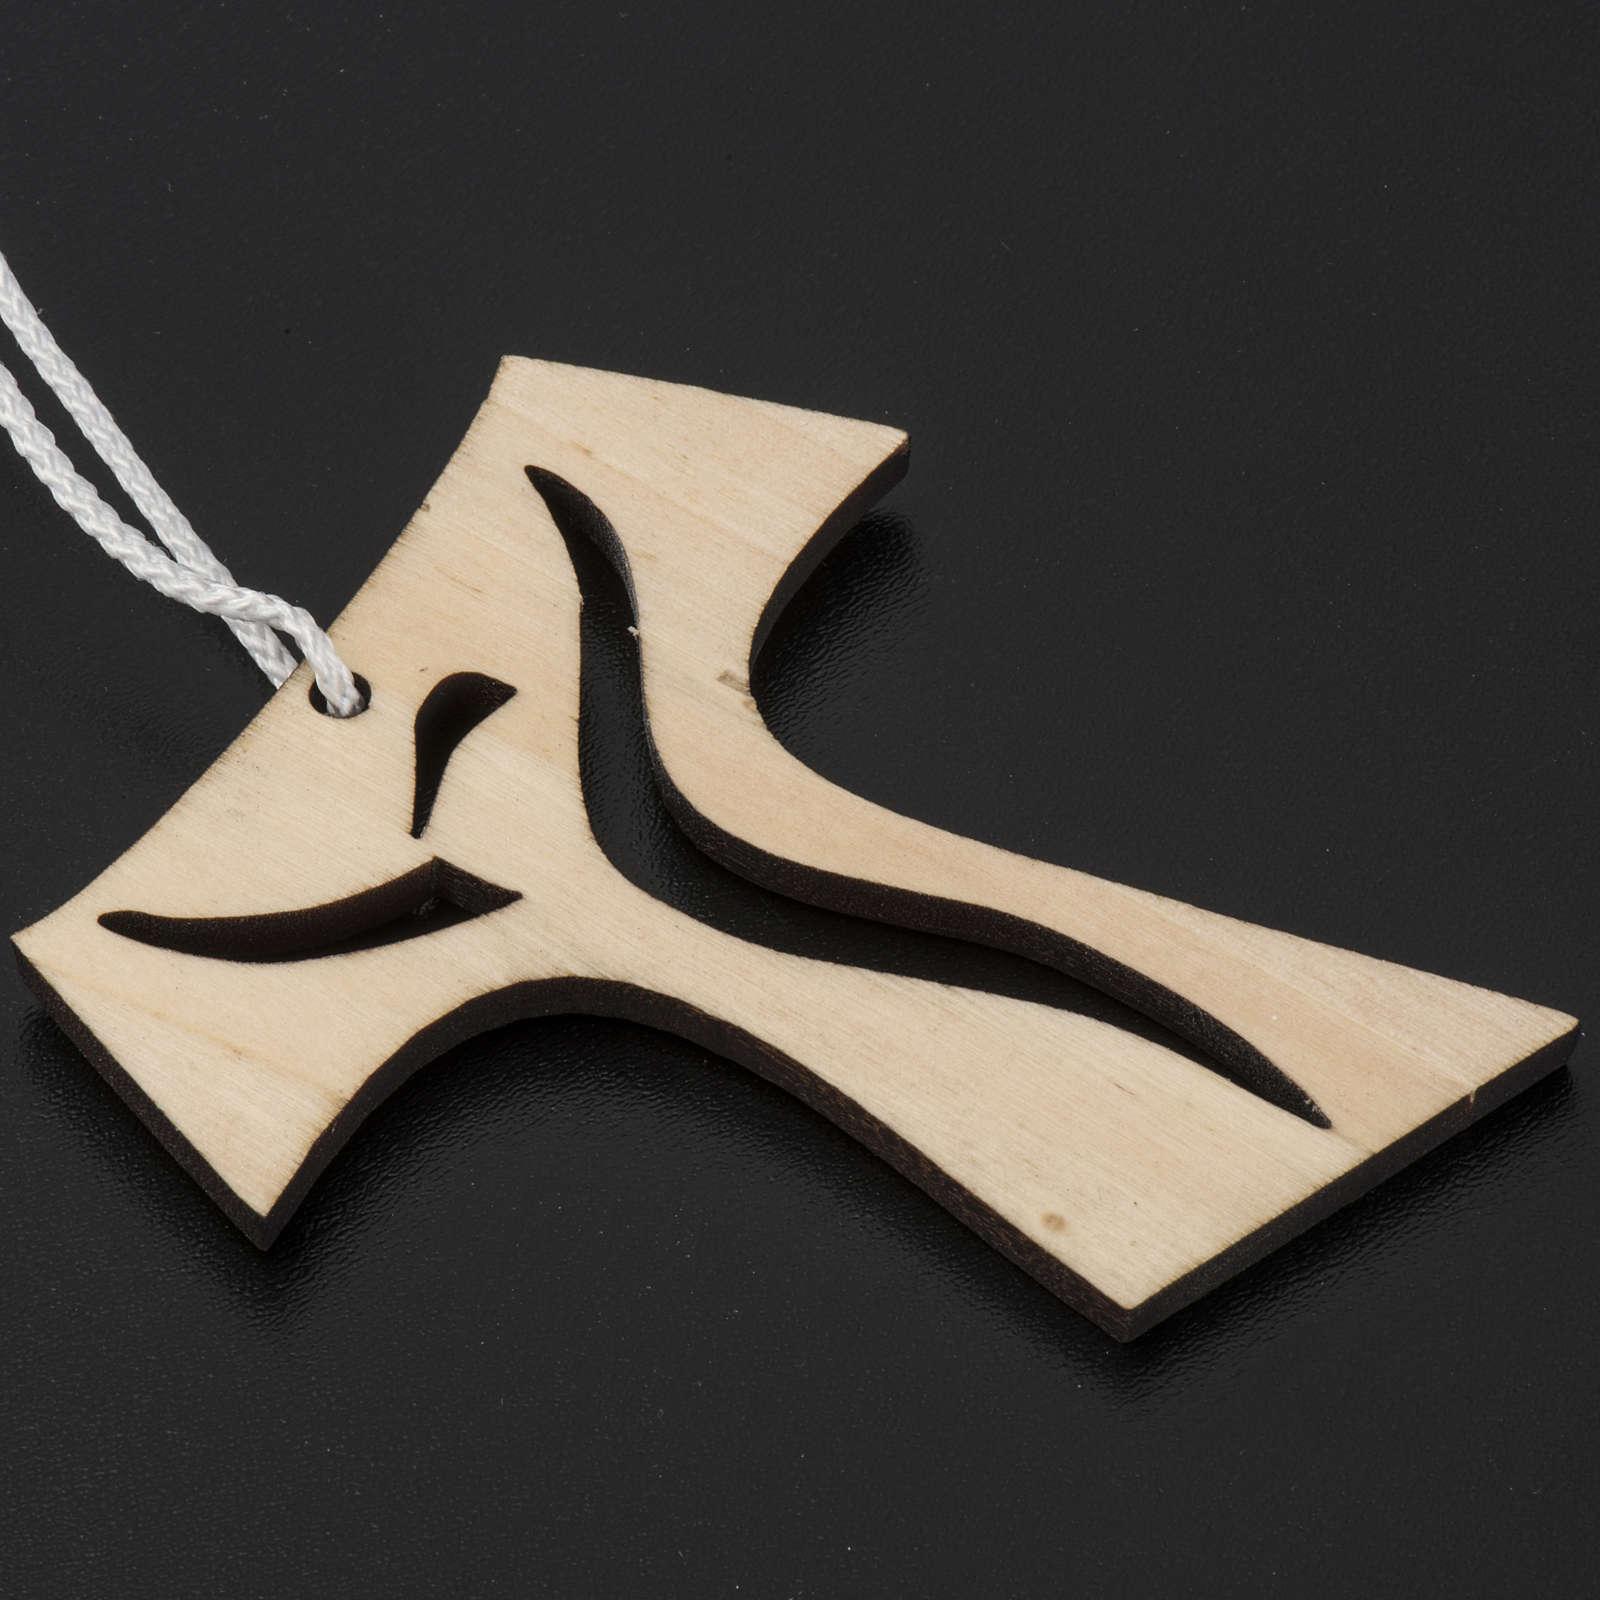 Croce Prima Comunione legno intaglio Risorto 9,3x8cm 4